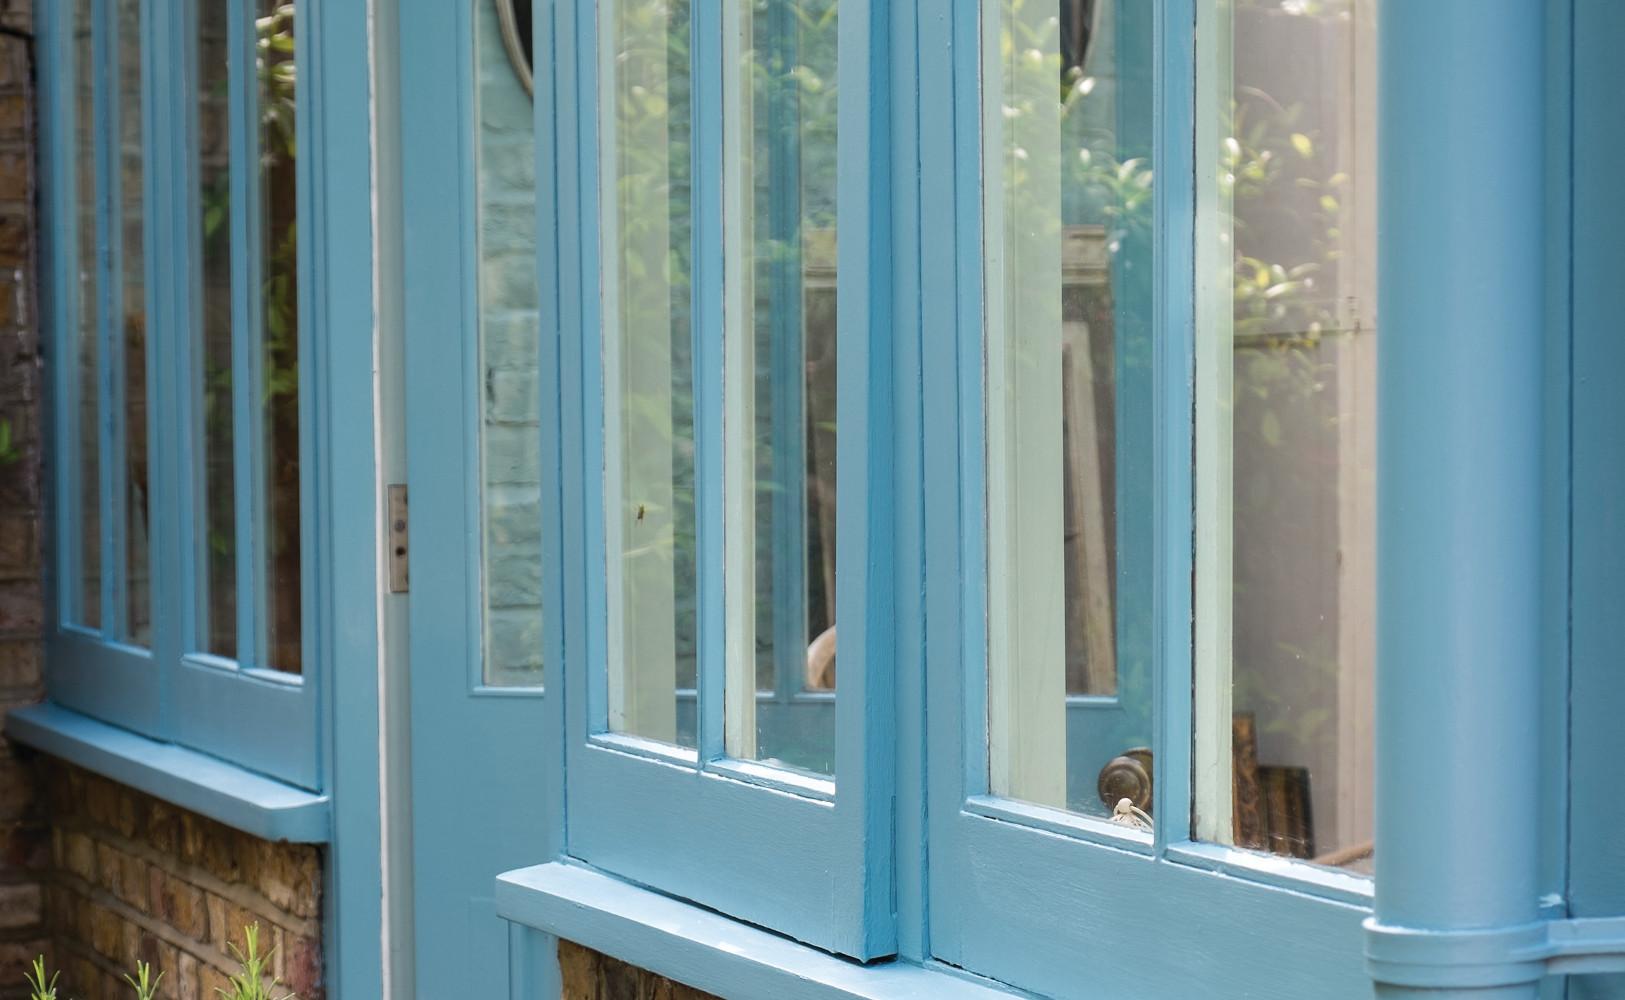 Top Mehr Farbe für das Fenster - Raumideen.org LM71